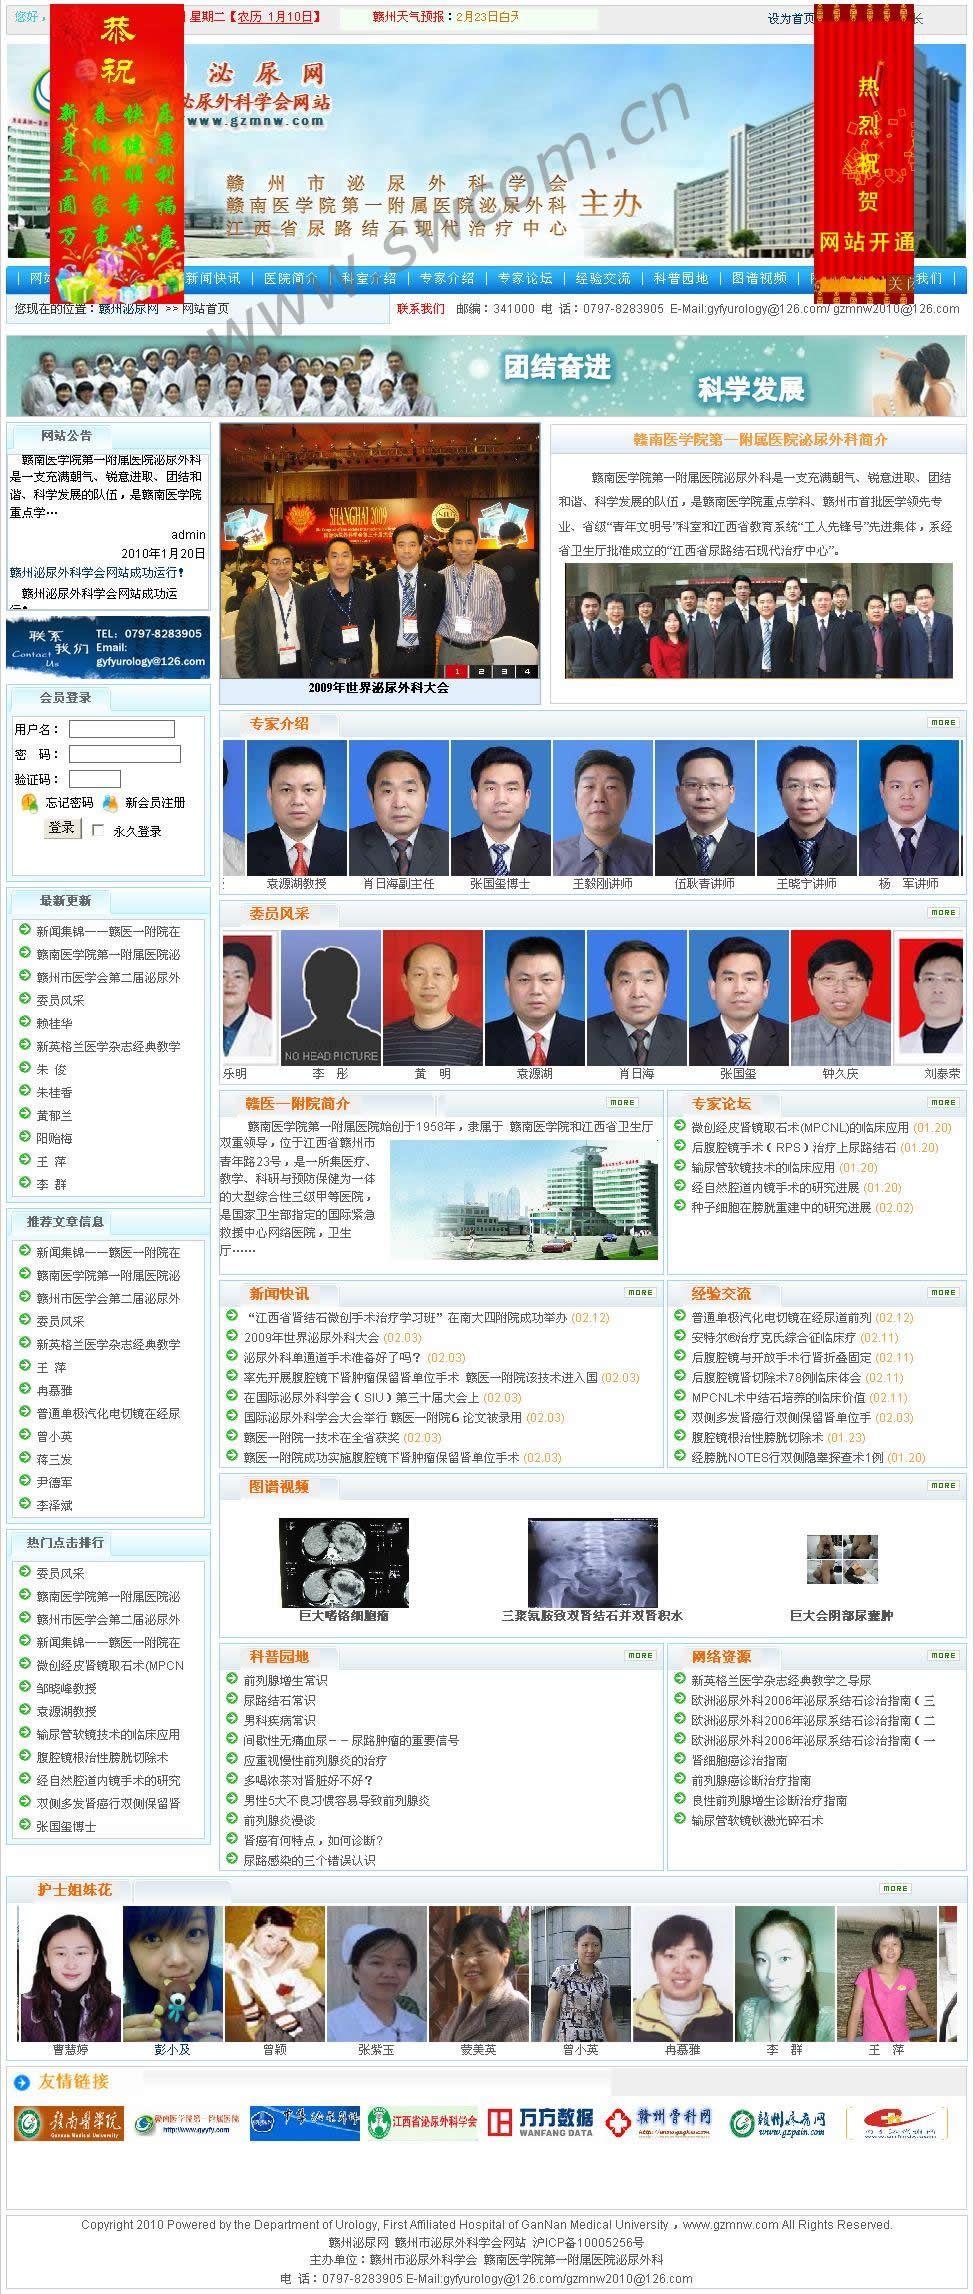 此为首页效果图,点击进入www.gzmnw.com查看实际效果